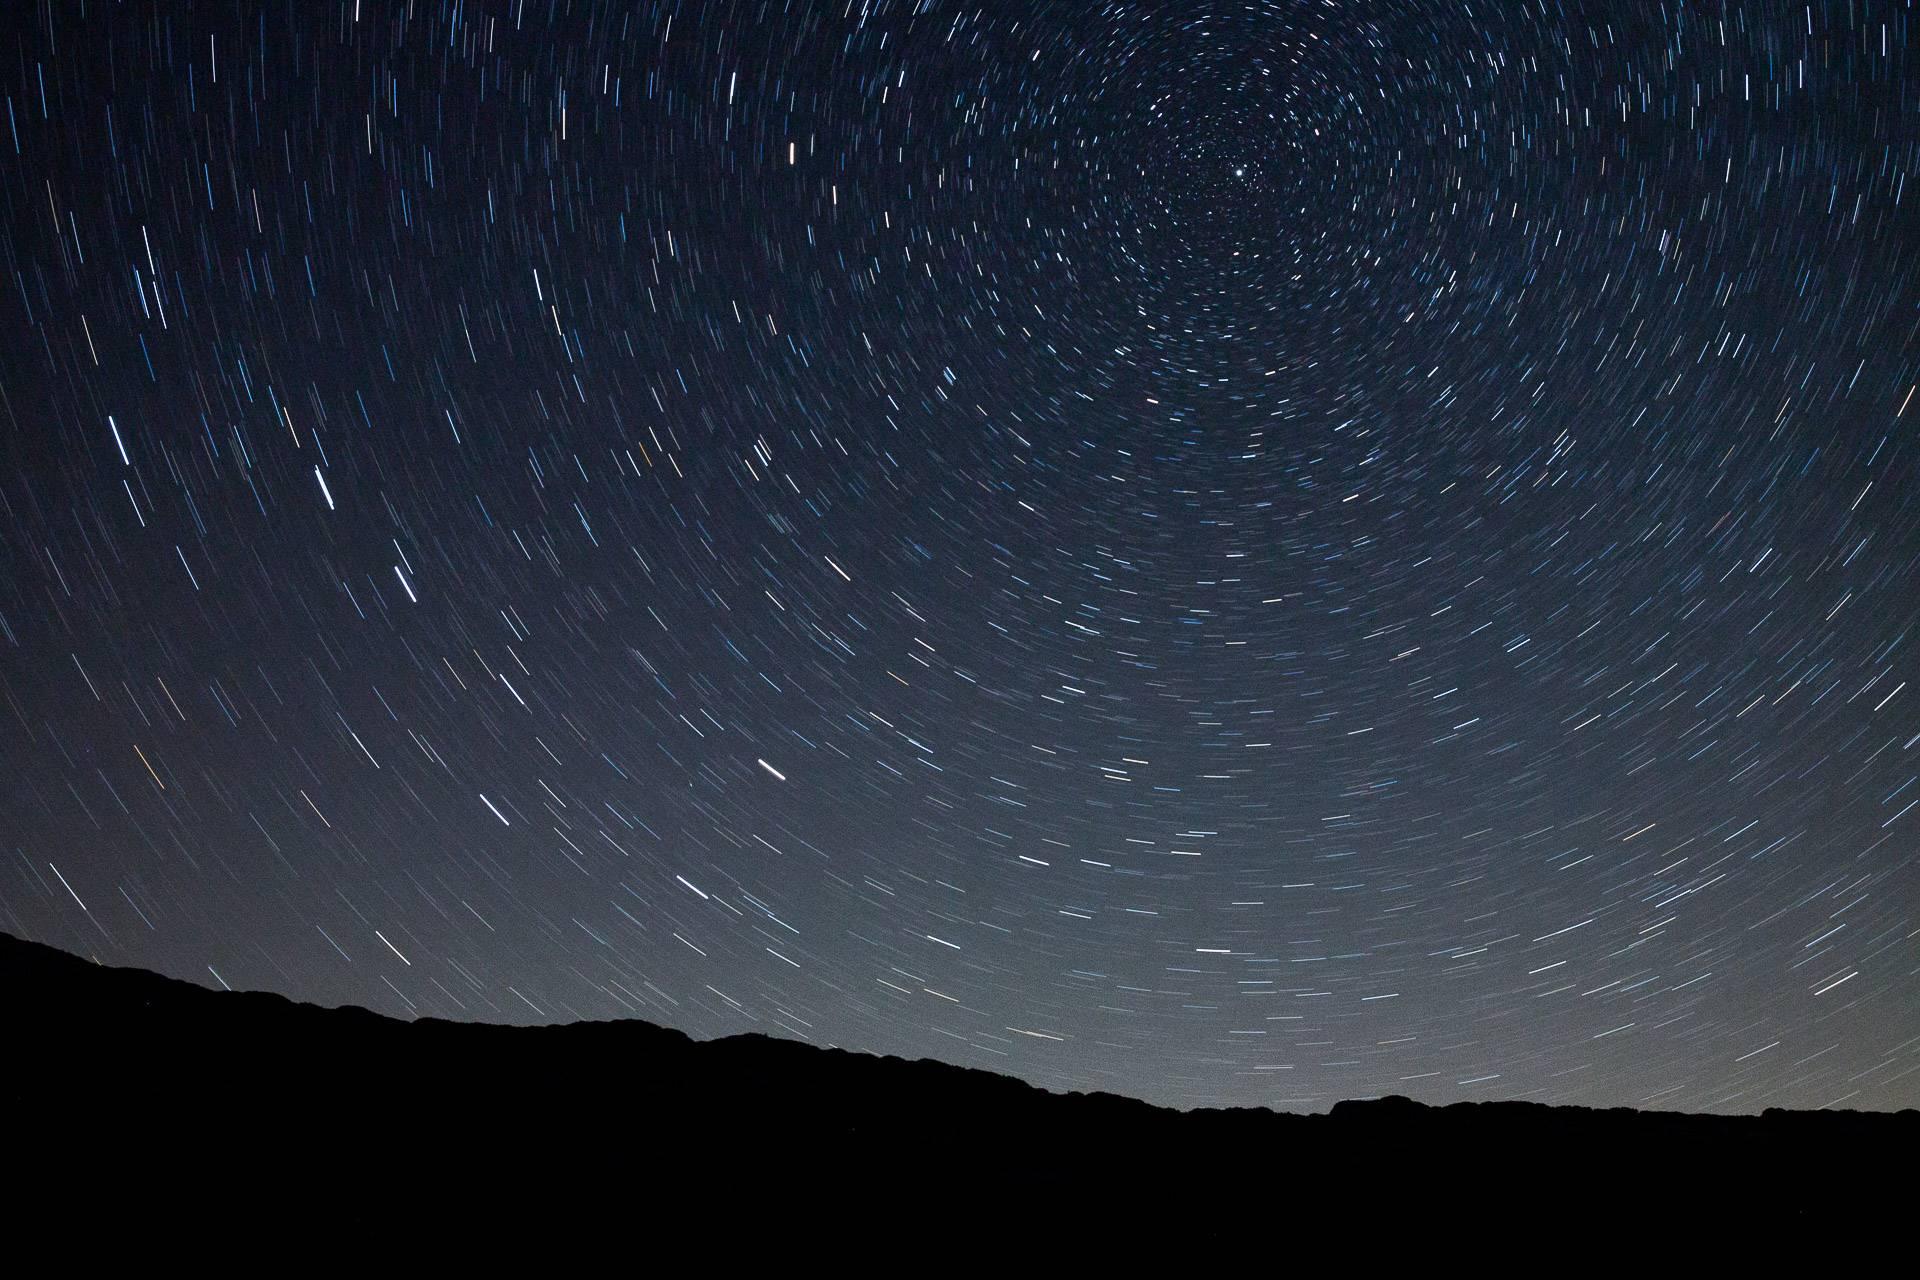 Sternspuren um den Polarstern. Bei einer Belichtungszeit von 10 Minuten werden die ersten Sternspuren schon gut sichtbar abgebildet.